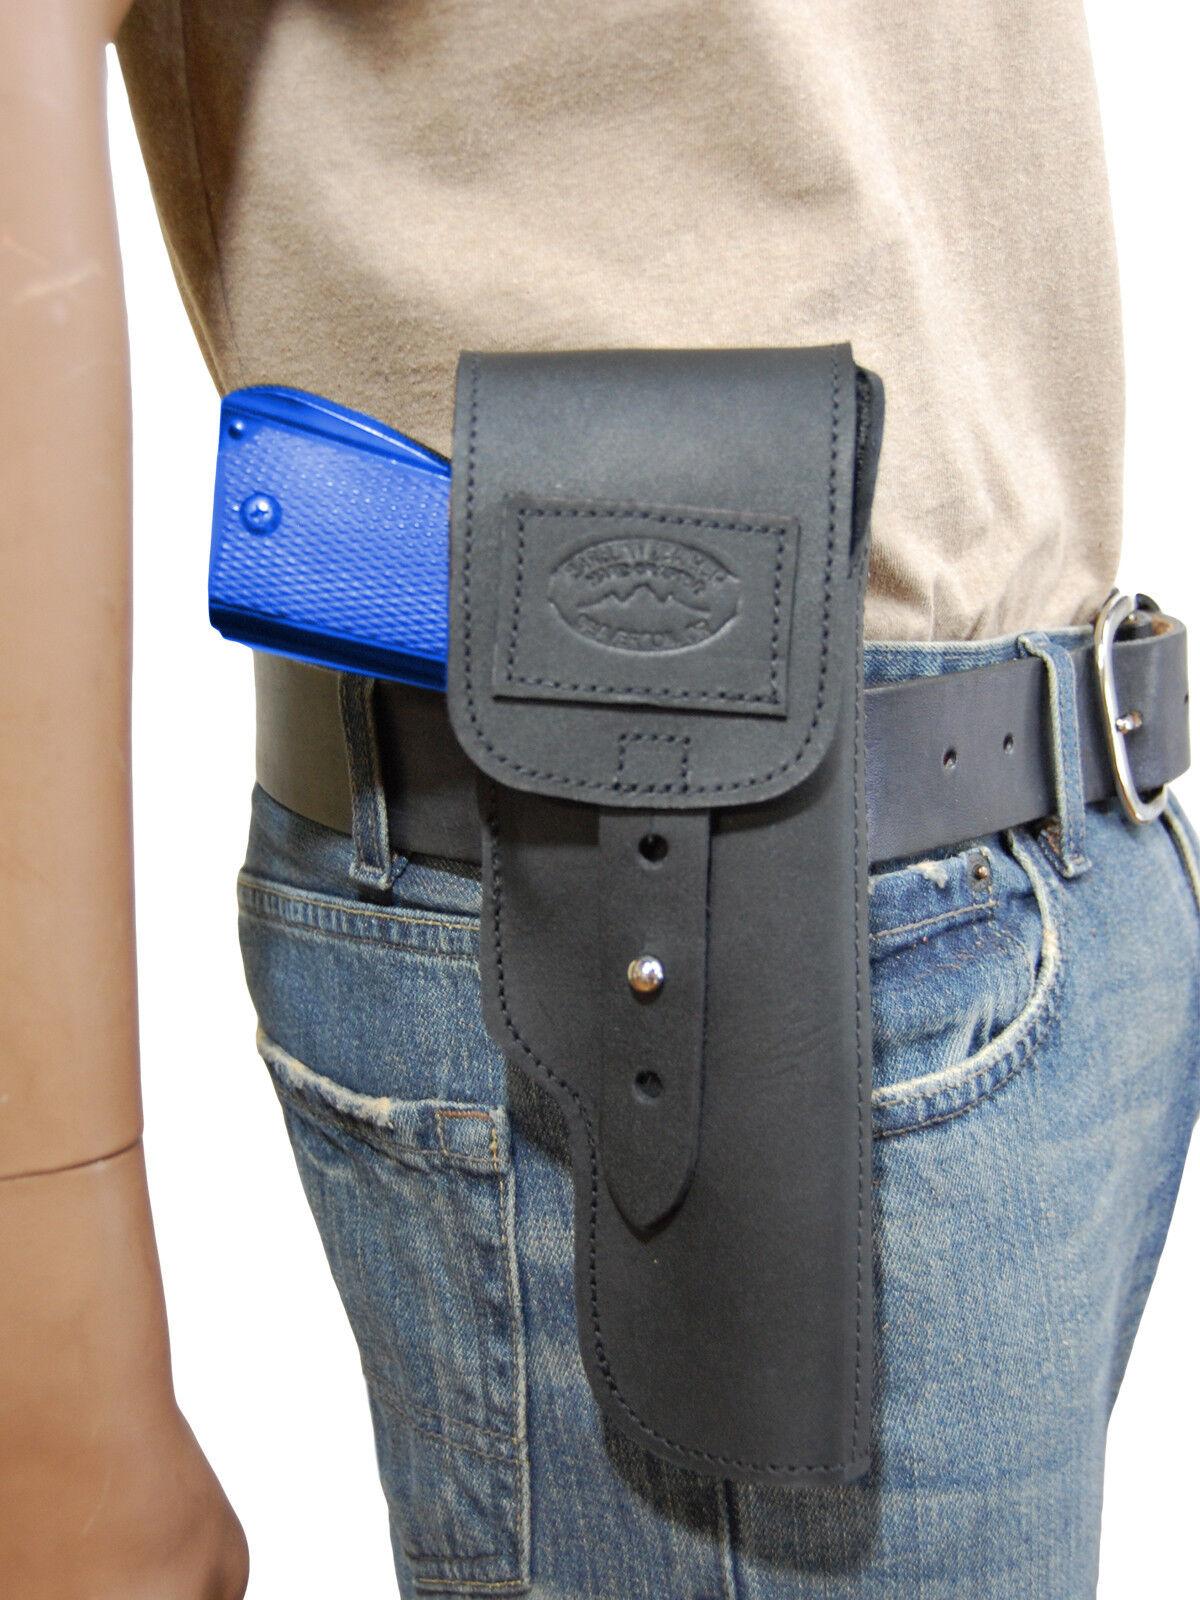 Nuevo barsony Negro Solapa De Cuero Funda Pistola de Steyr Walther de tamaño completo de 9 mm 40 45